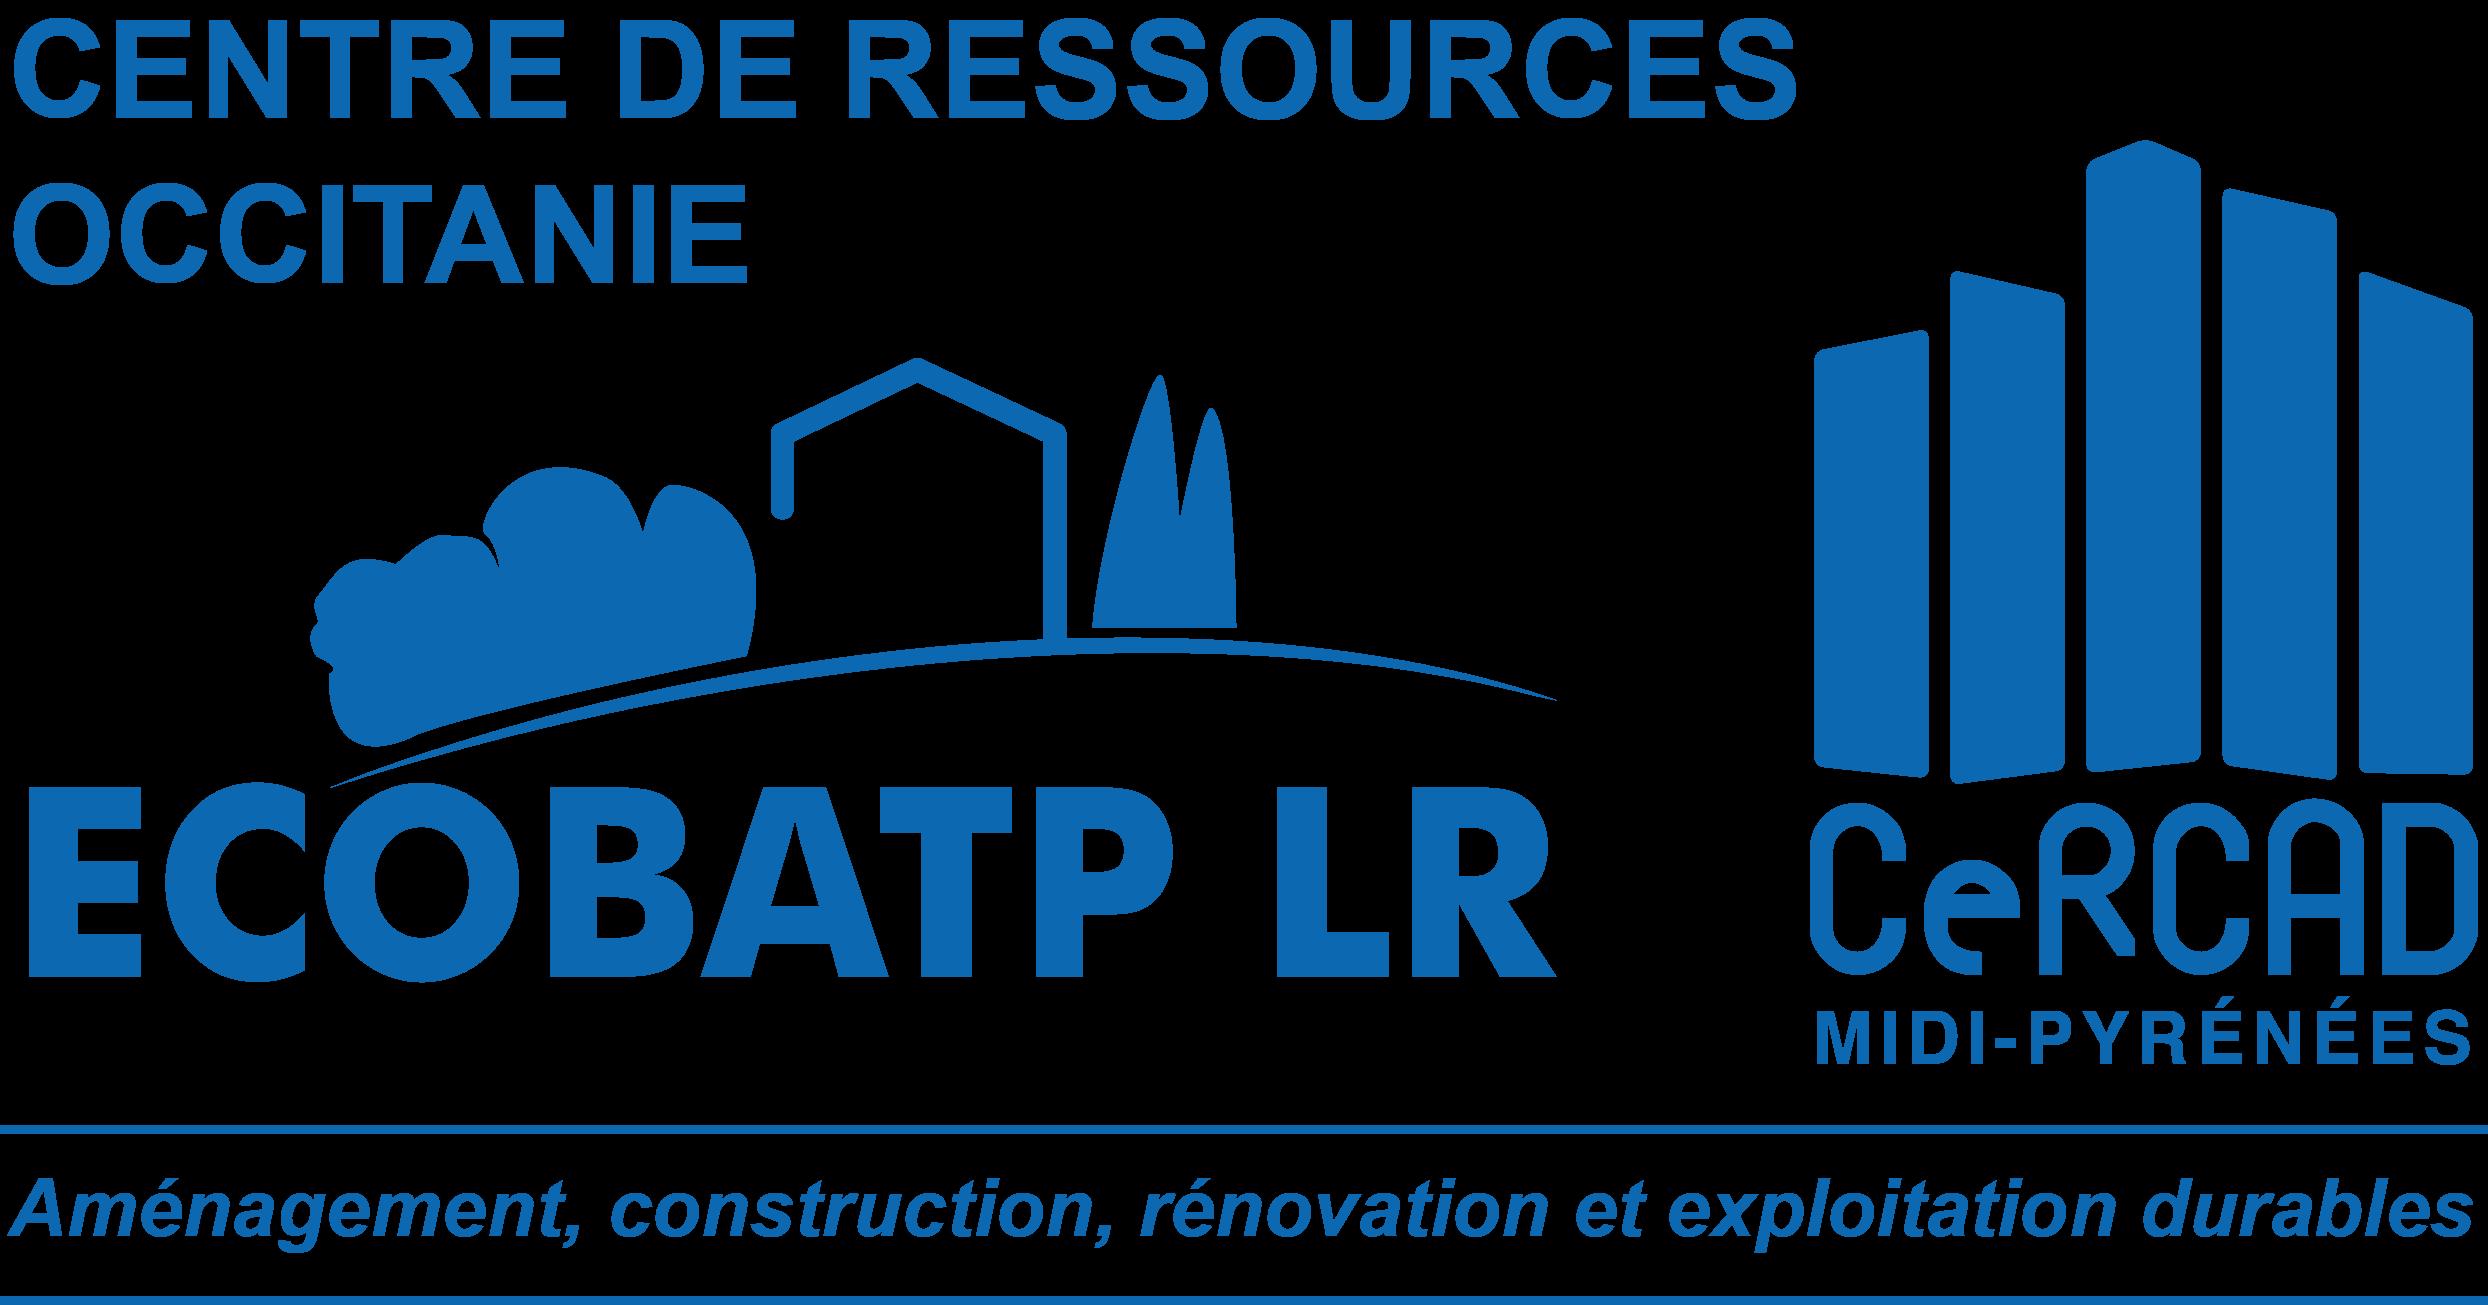 centre_de_ressources_occitanie.png